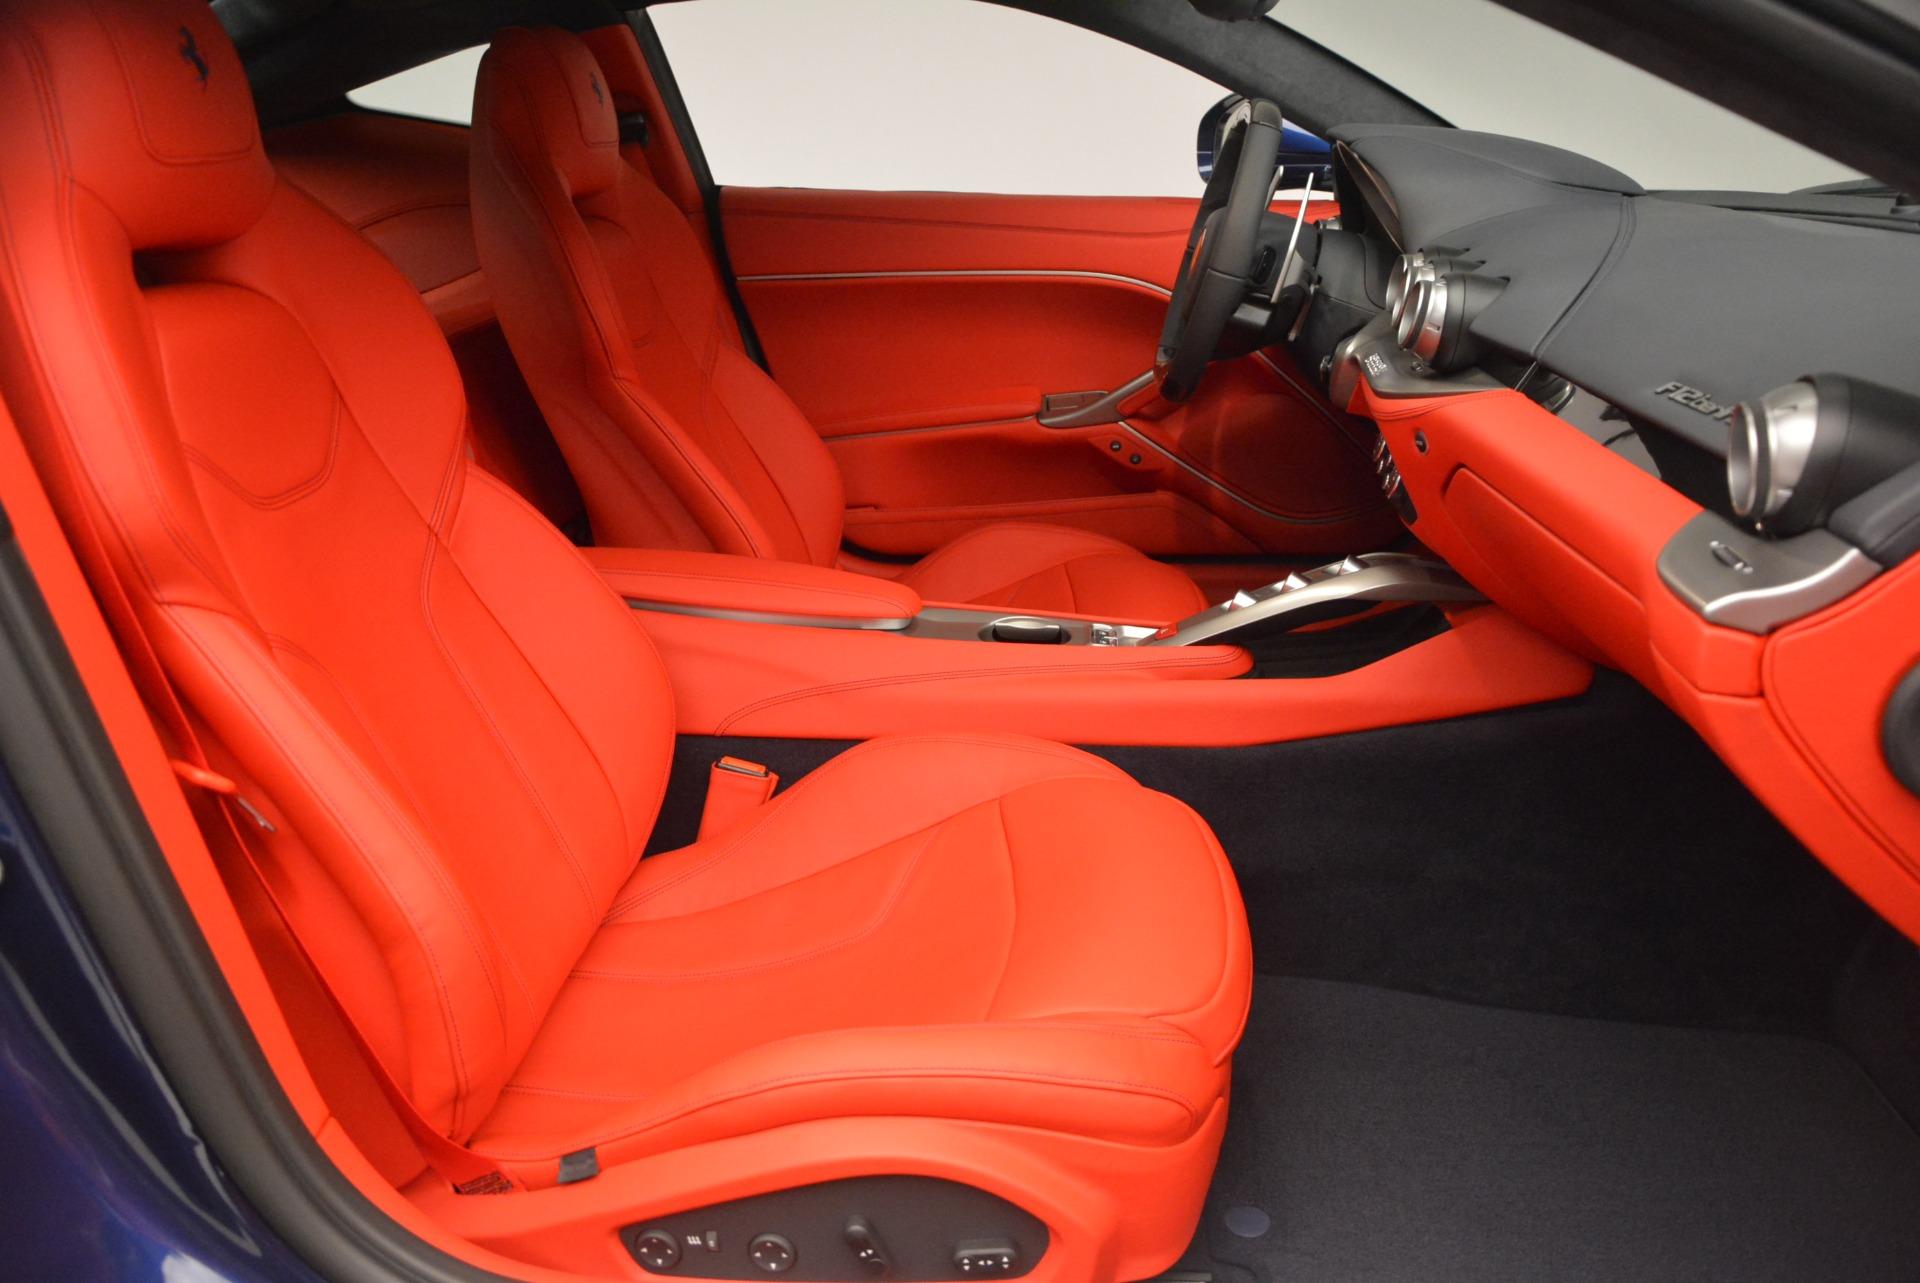 Used 2016 Ferrari F12 Berlinetta  For Sale In Greenwich, CT 2315_p18